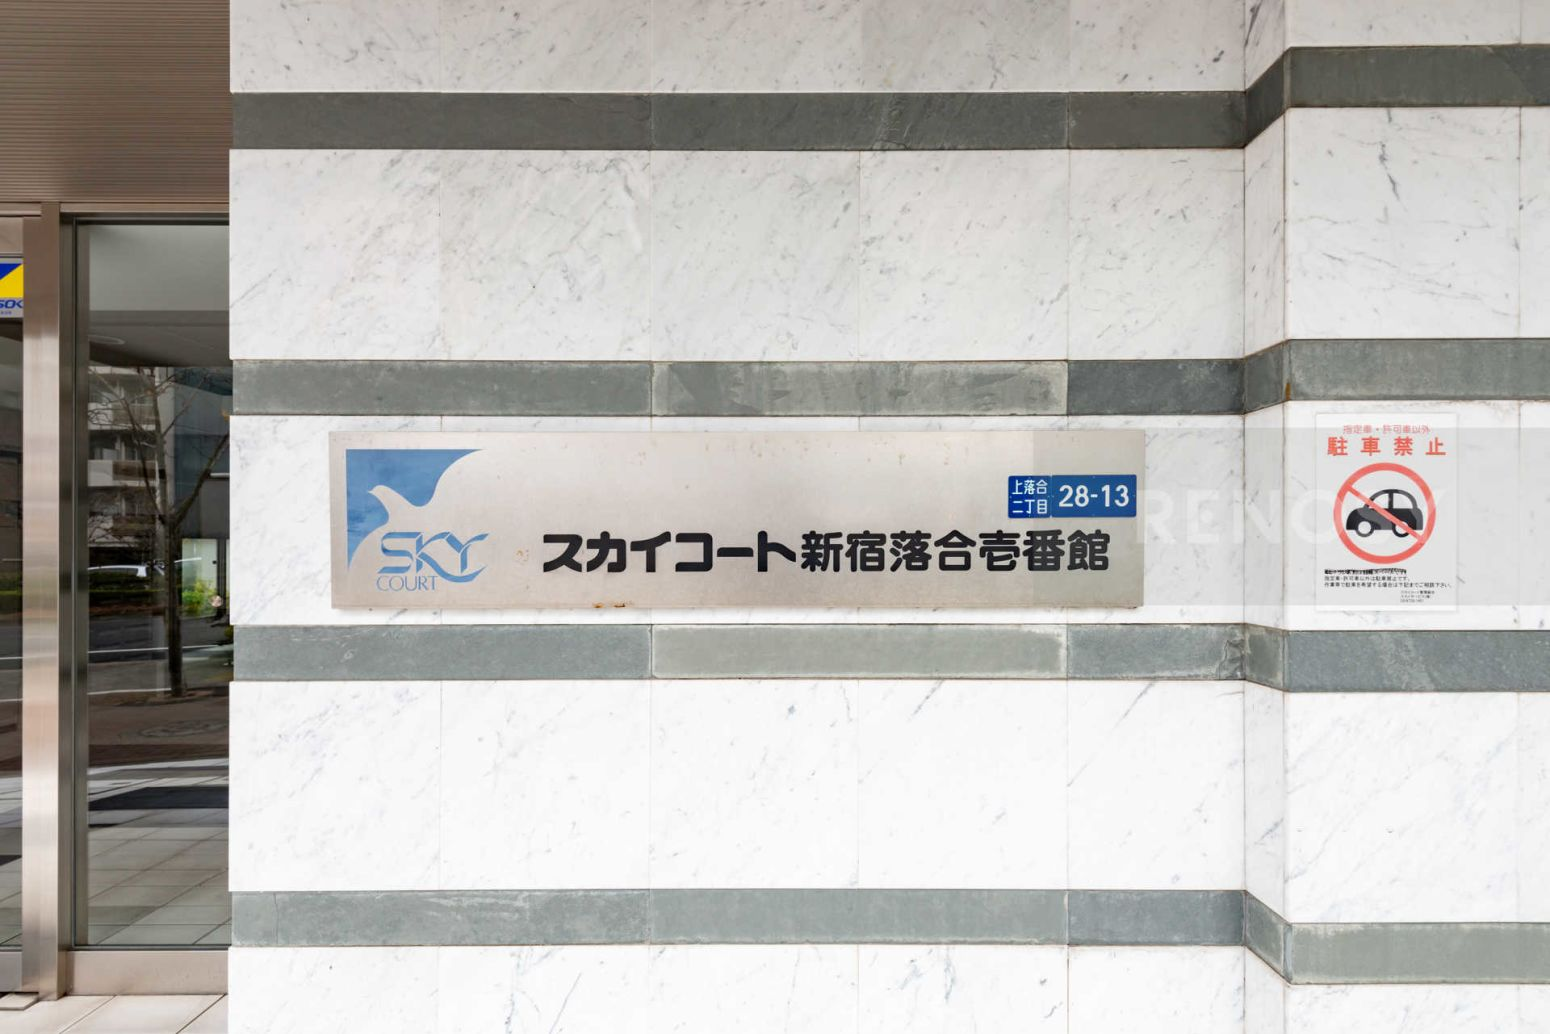 スカイコート新宿落合壱番館